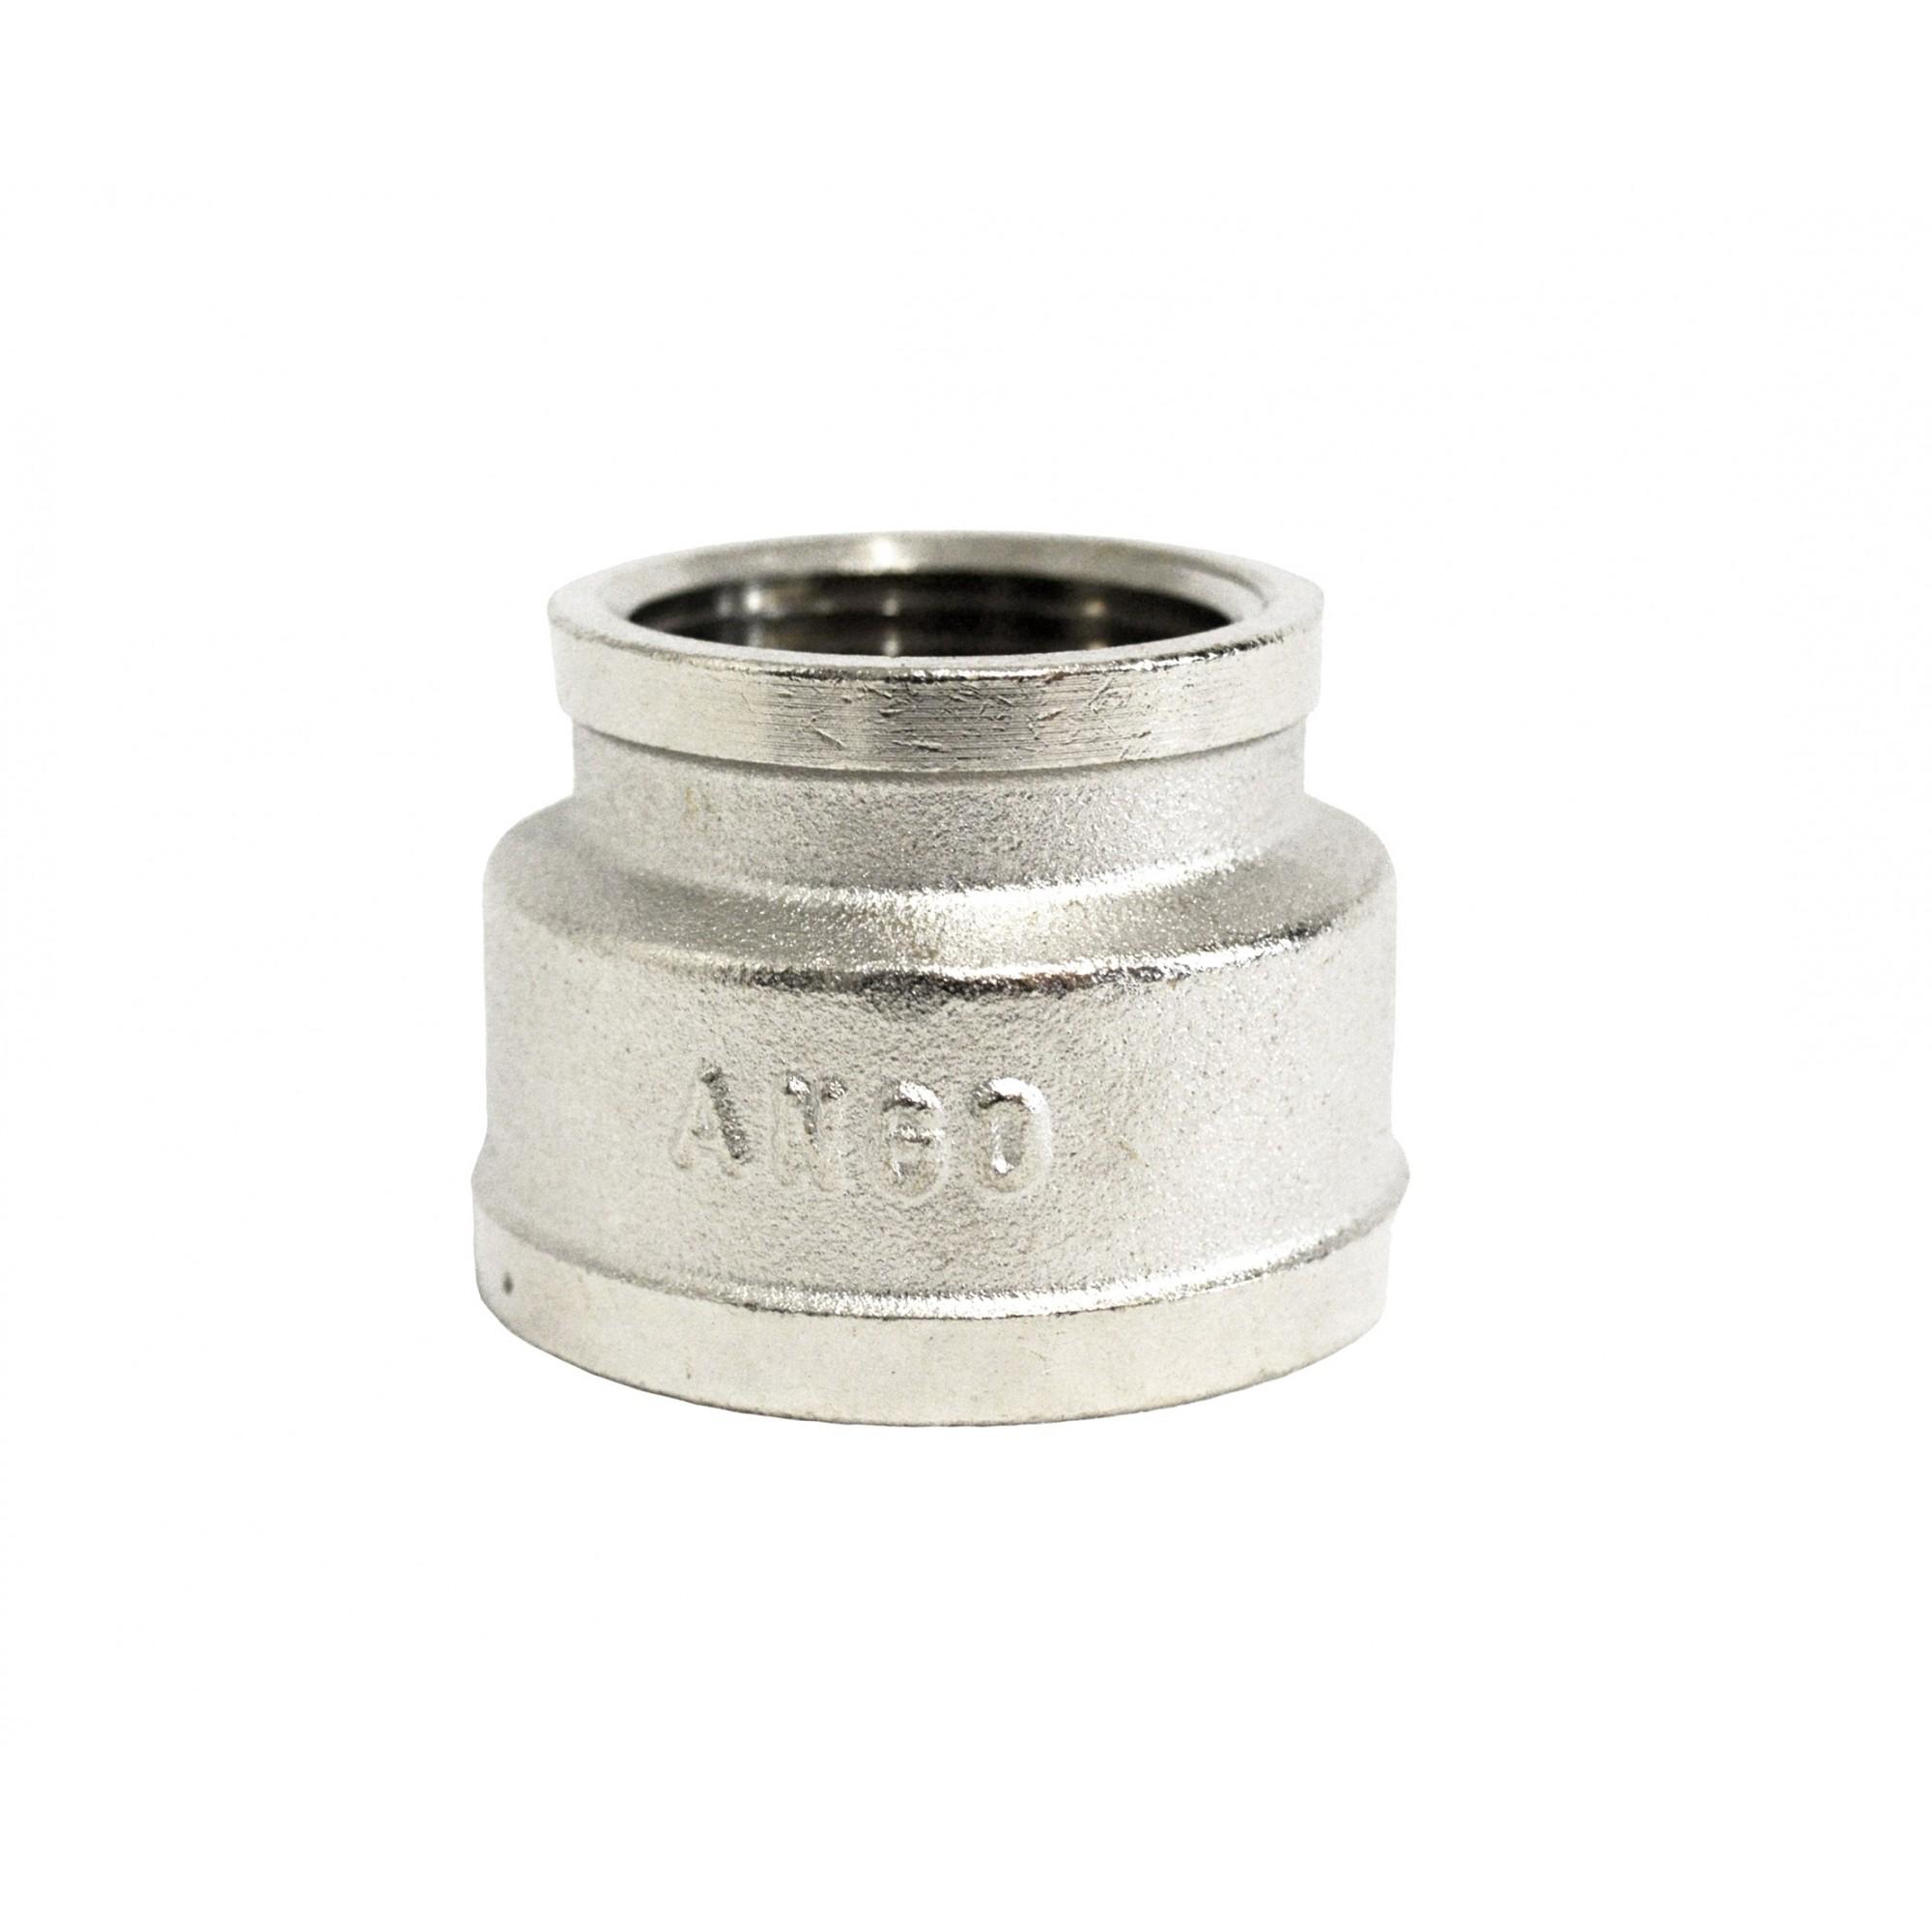 Муфта 1в*1 1/4в никелированная ANGO ANGO - 1